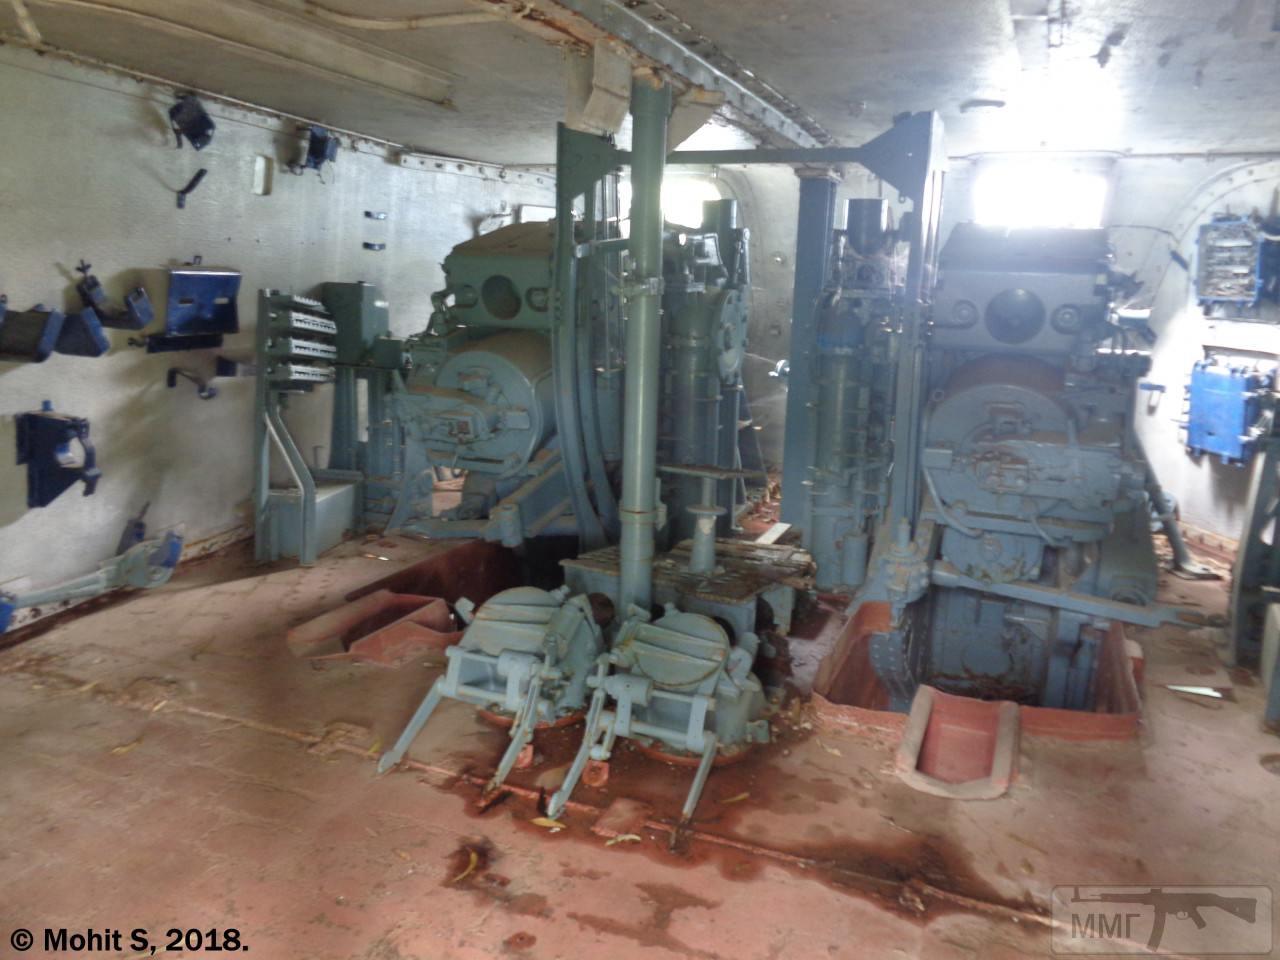 101197 - Корабельные пушки-монстры в музеях и во дворах...